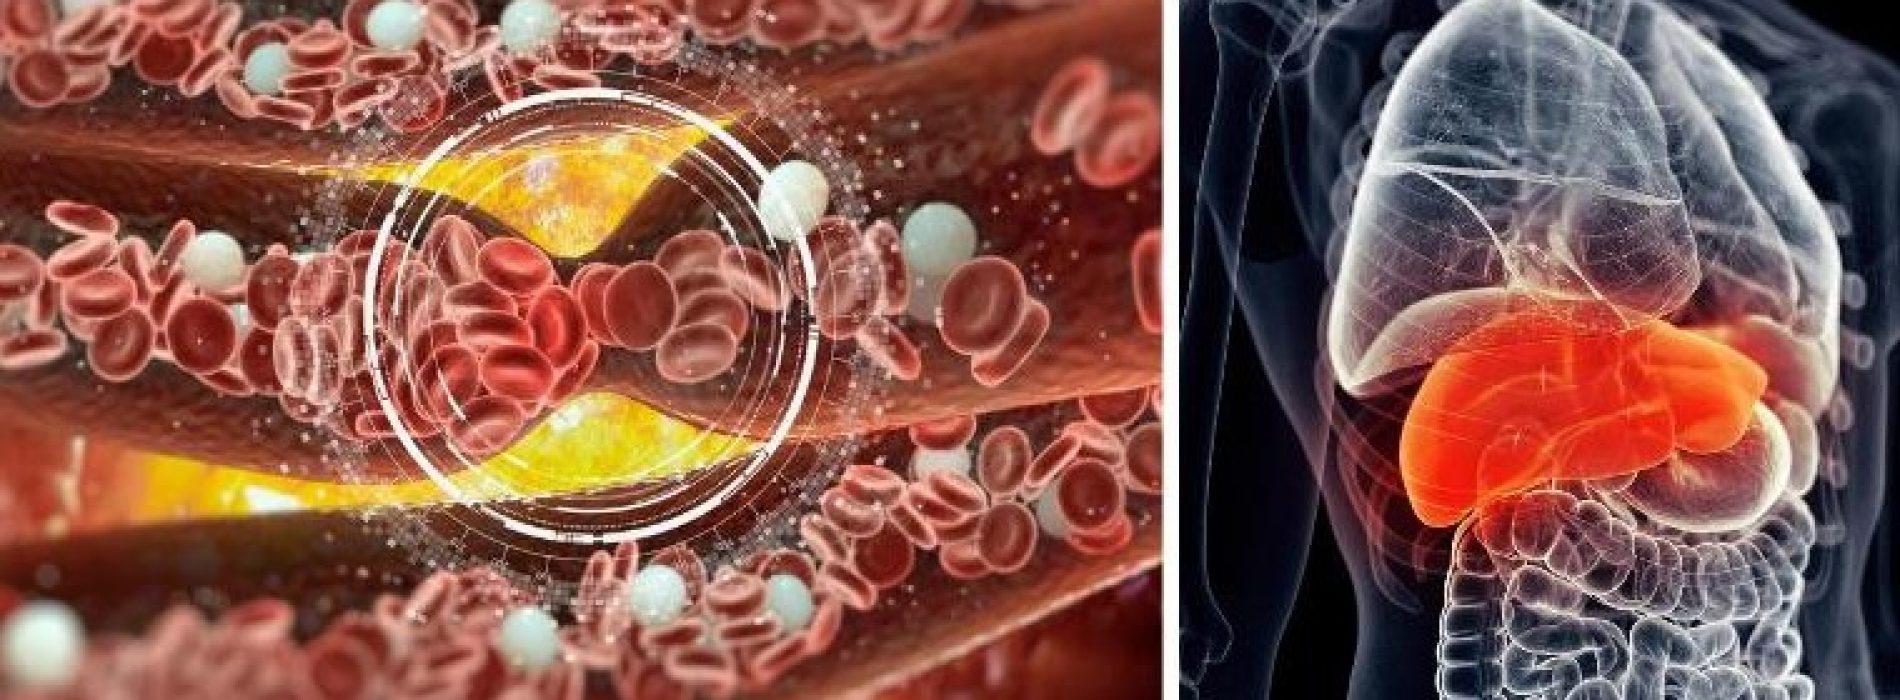 Tekort aan magnesium verhoogt kans op chronische ziekten en vroegtijdig overlijden